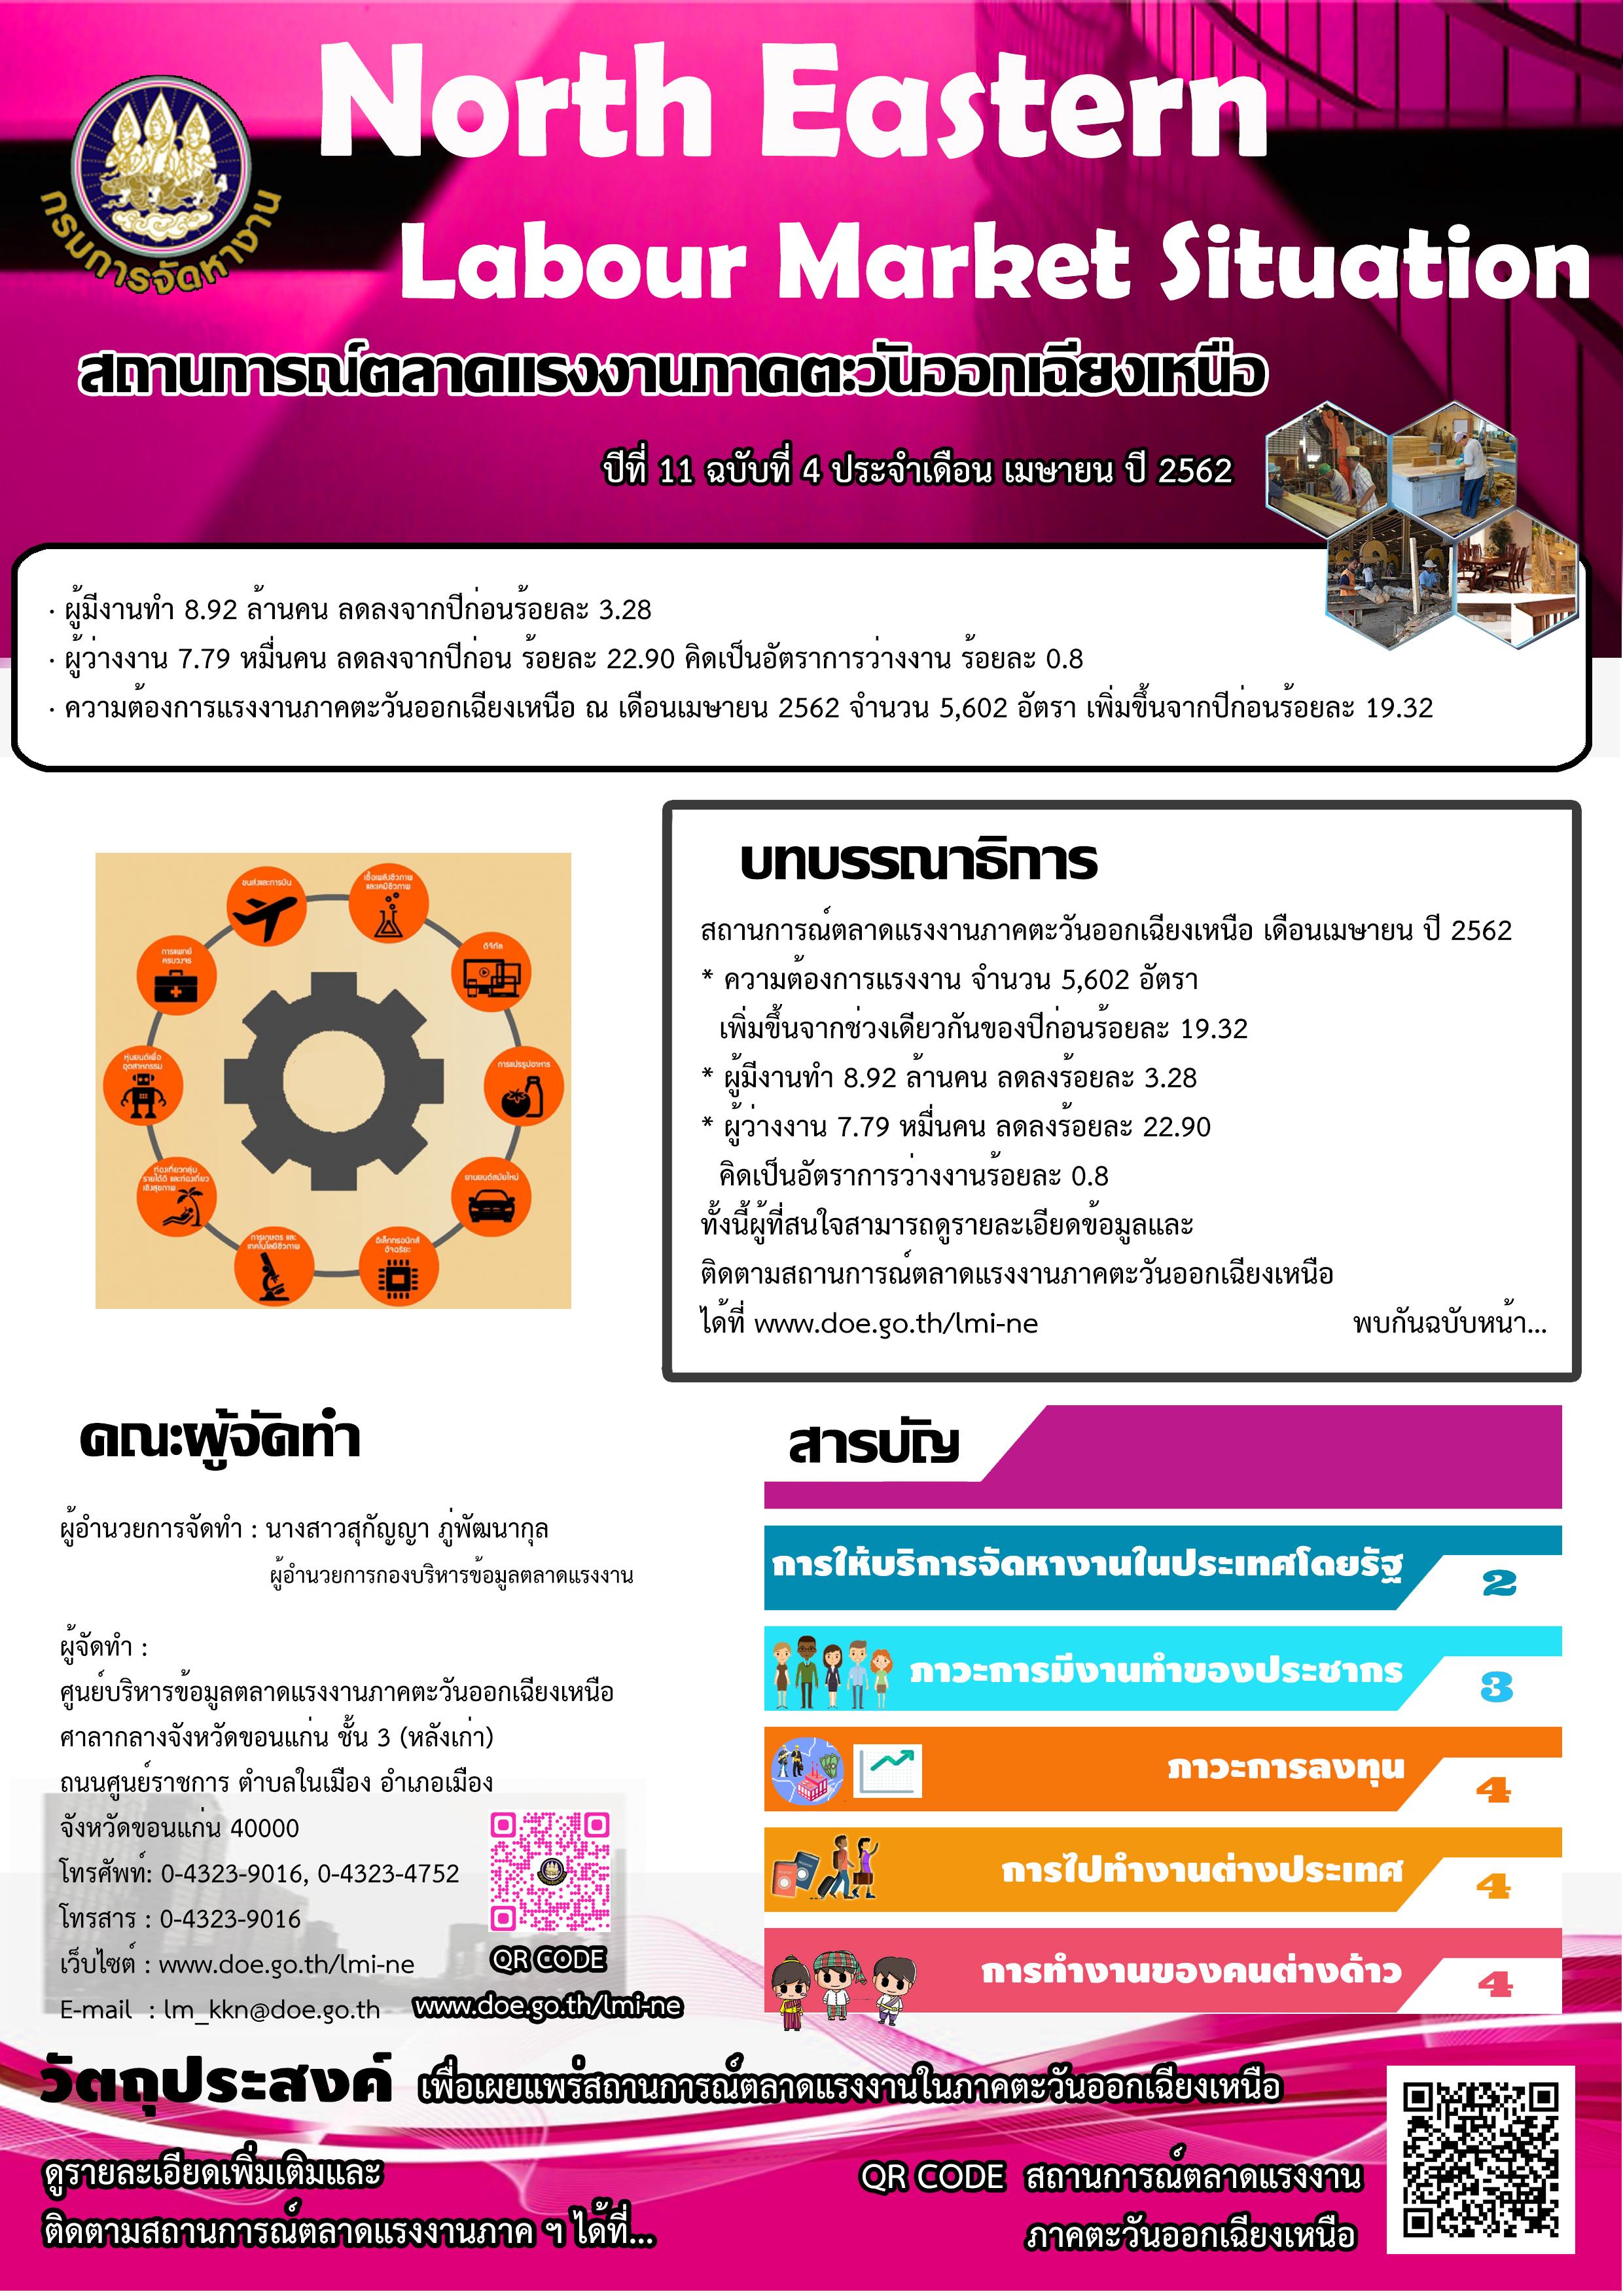 สถานการณ์ตลาดแรงงานภาค ฯ เดือนมีนาคม 2562 ฉบับ Infographic